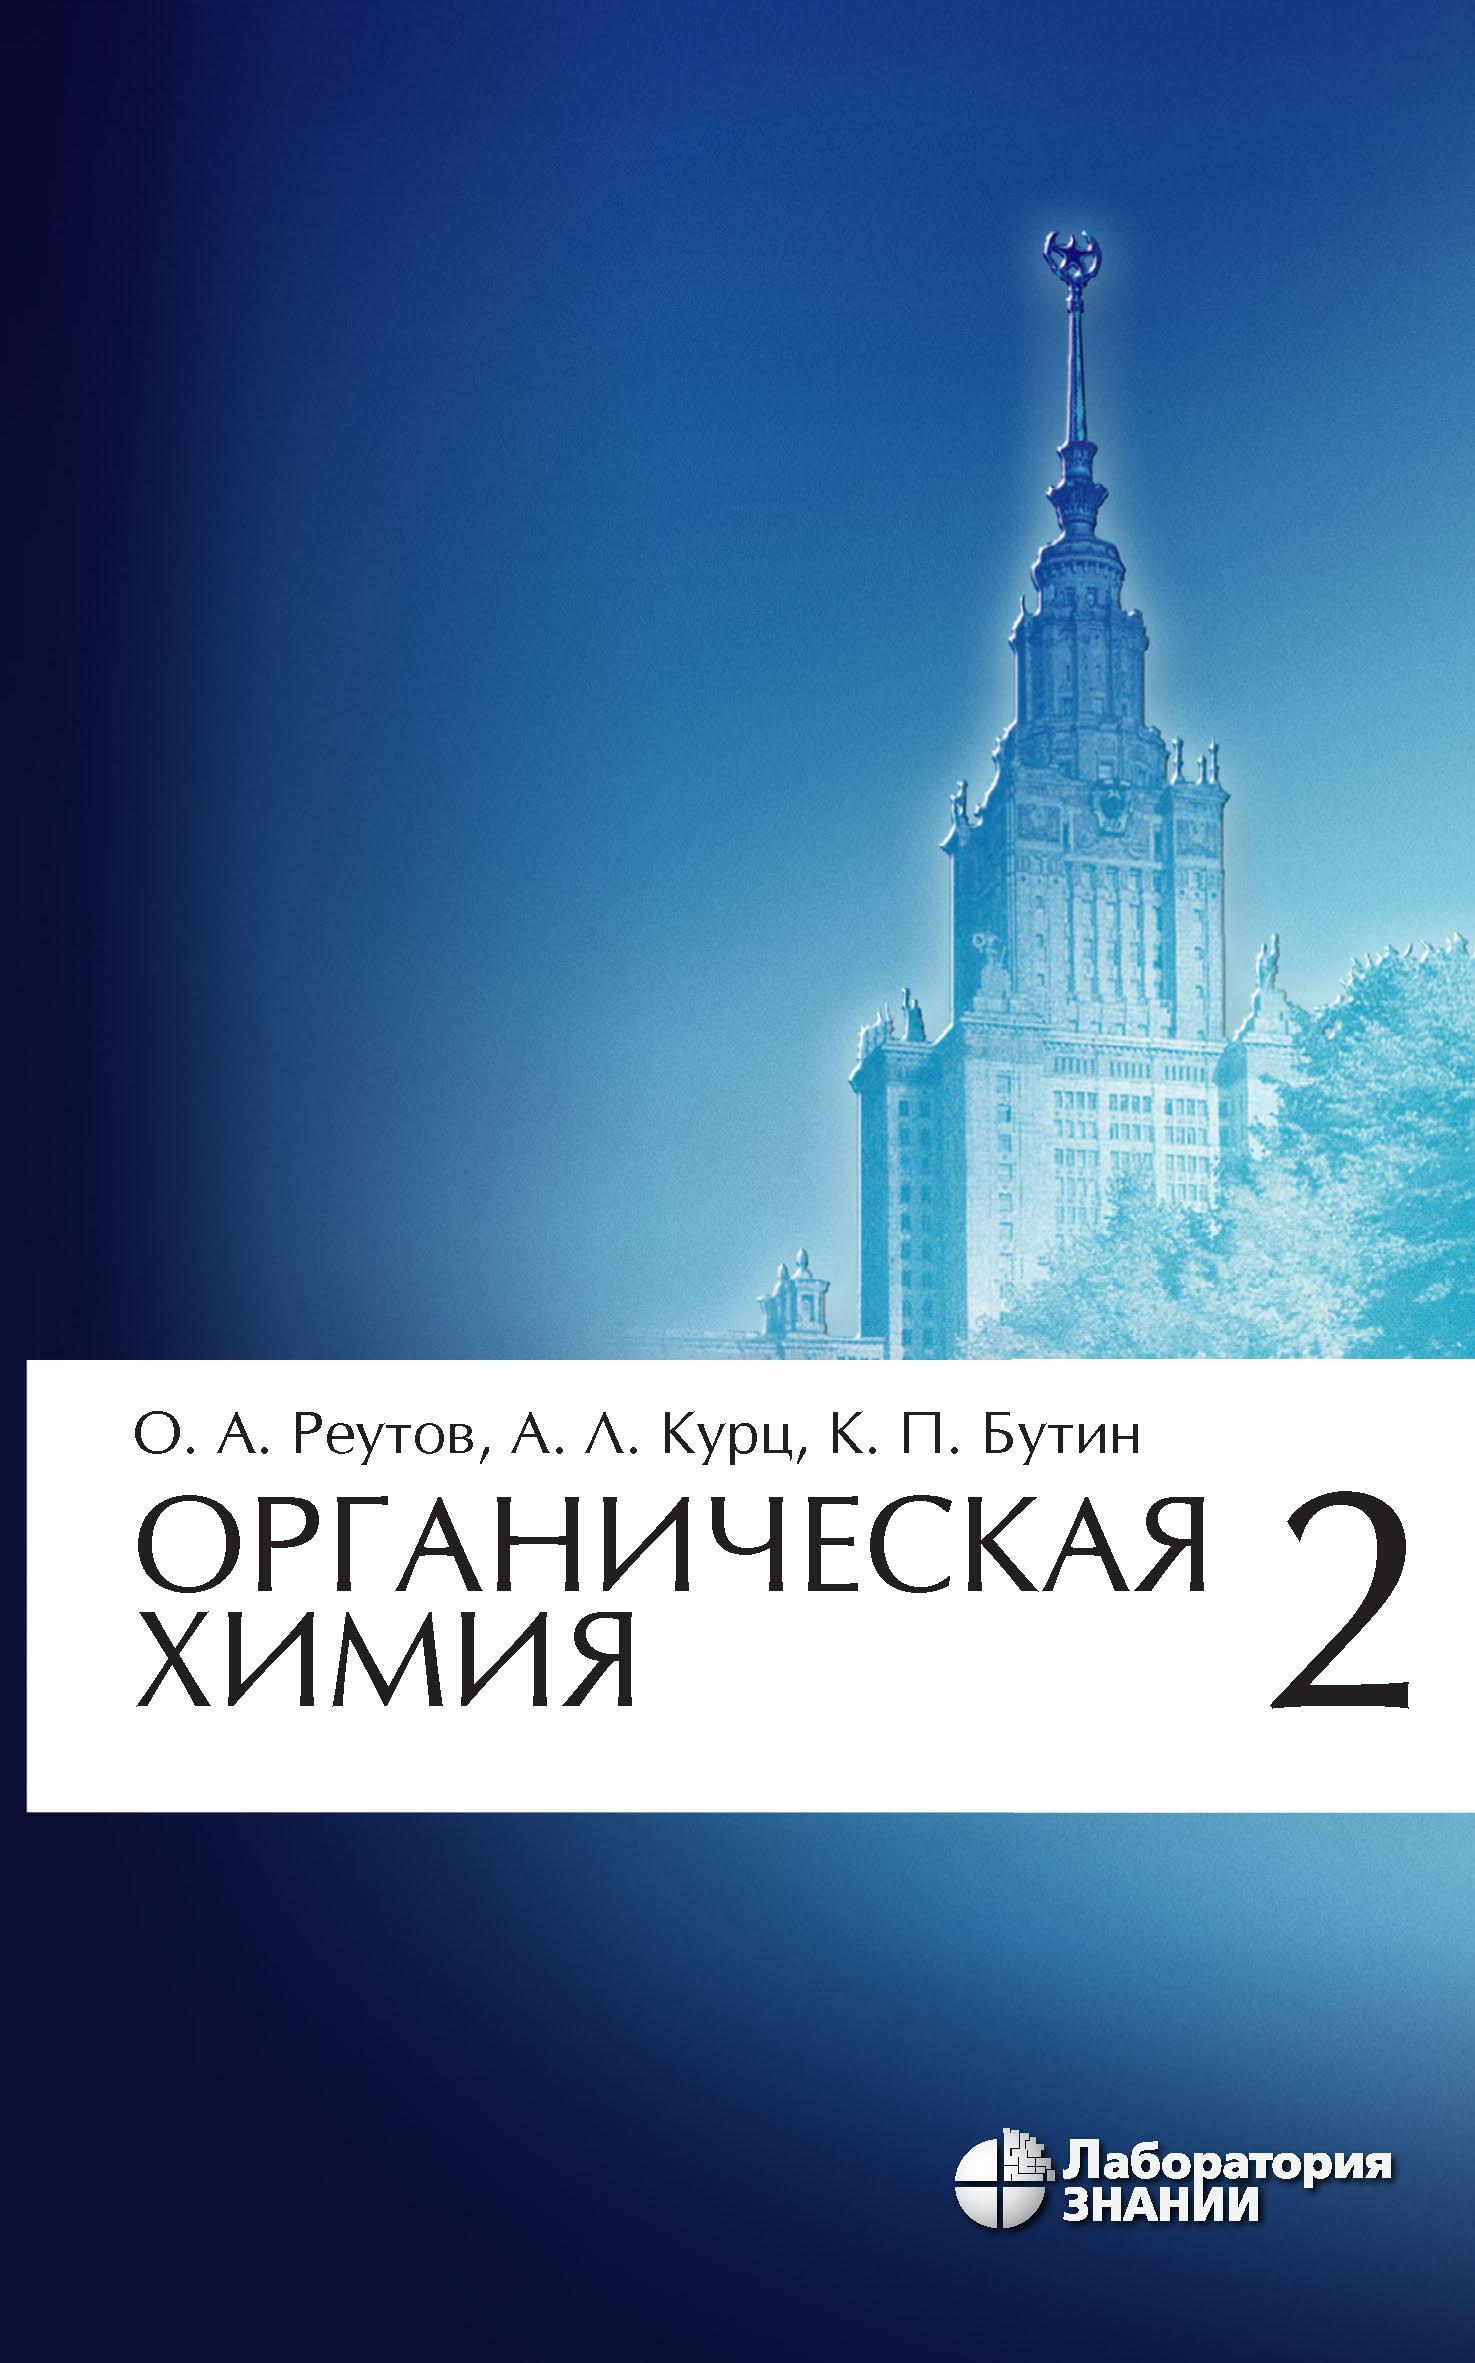 К. П. Бутин Органическая химия. Часть 2 каминский в органическая химия часть 1 учебник